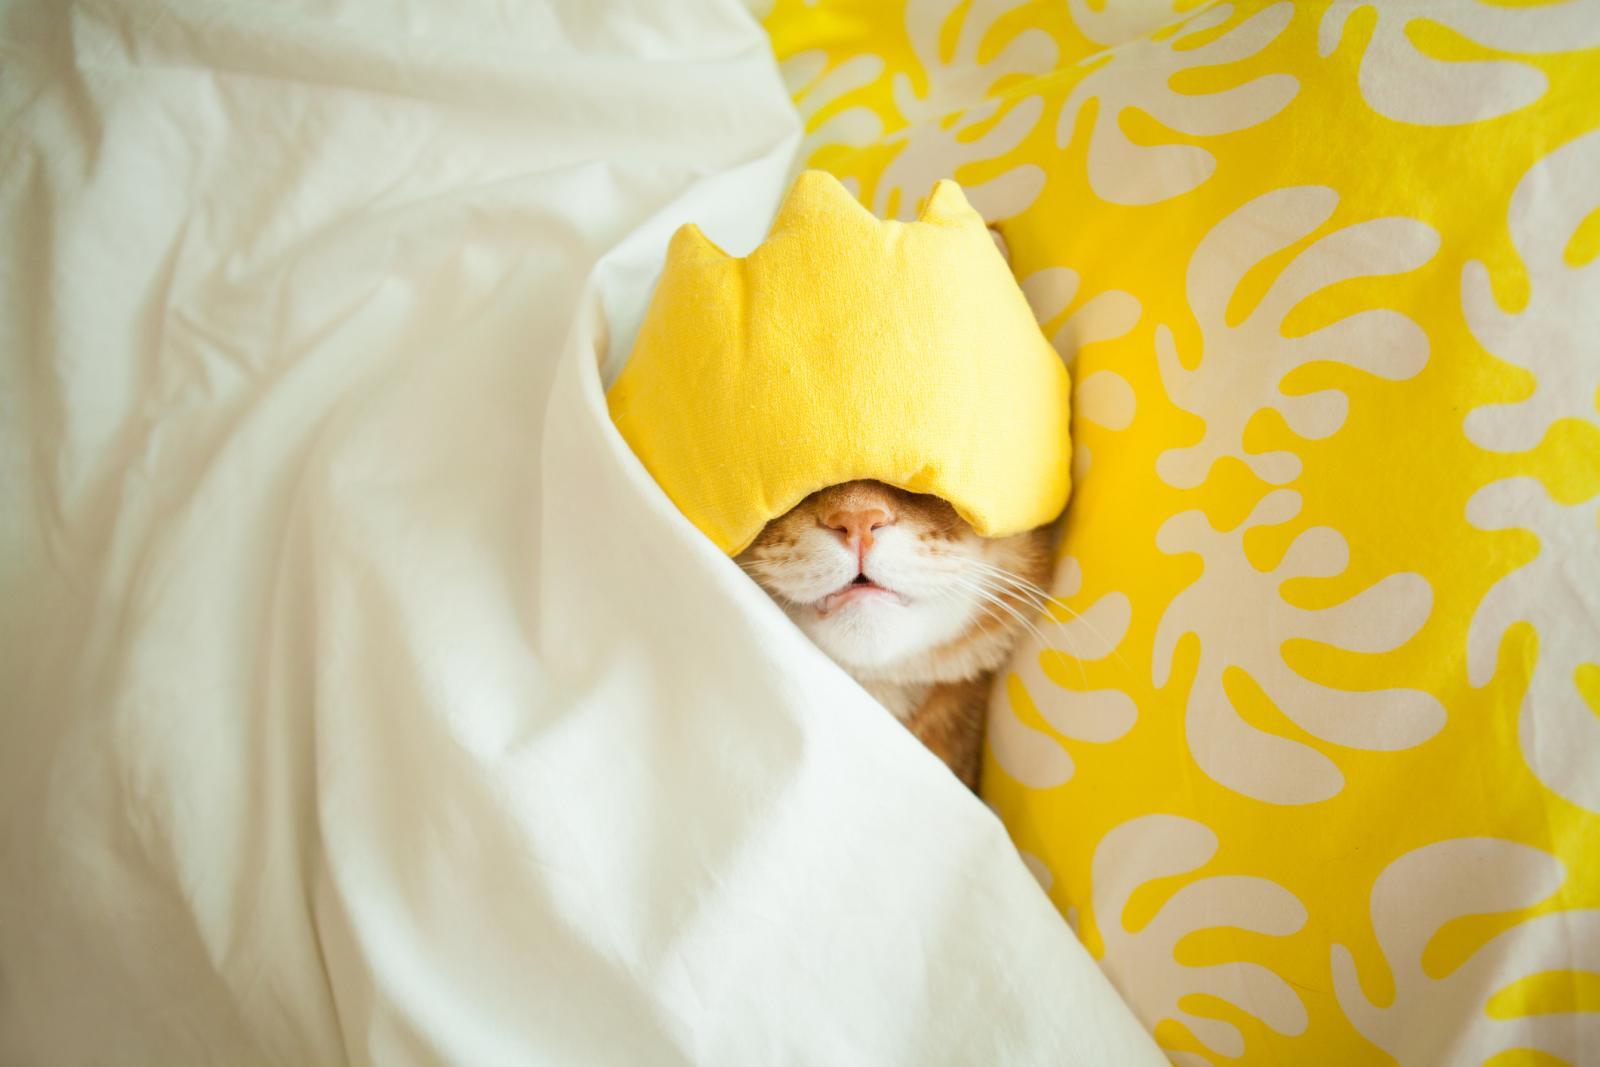 Mnoge će se mačke skrivati pod krevetom ili namještajem, ponekad danima. Kad je dovedete kući, smjestite je u jednu sobu i pustite da prvo istraži novo mjesto. Ne čudite se ako vam završi u krevetu.